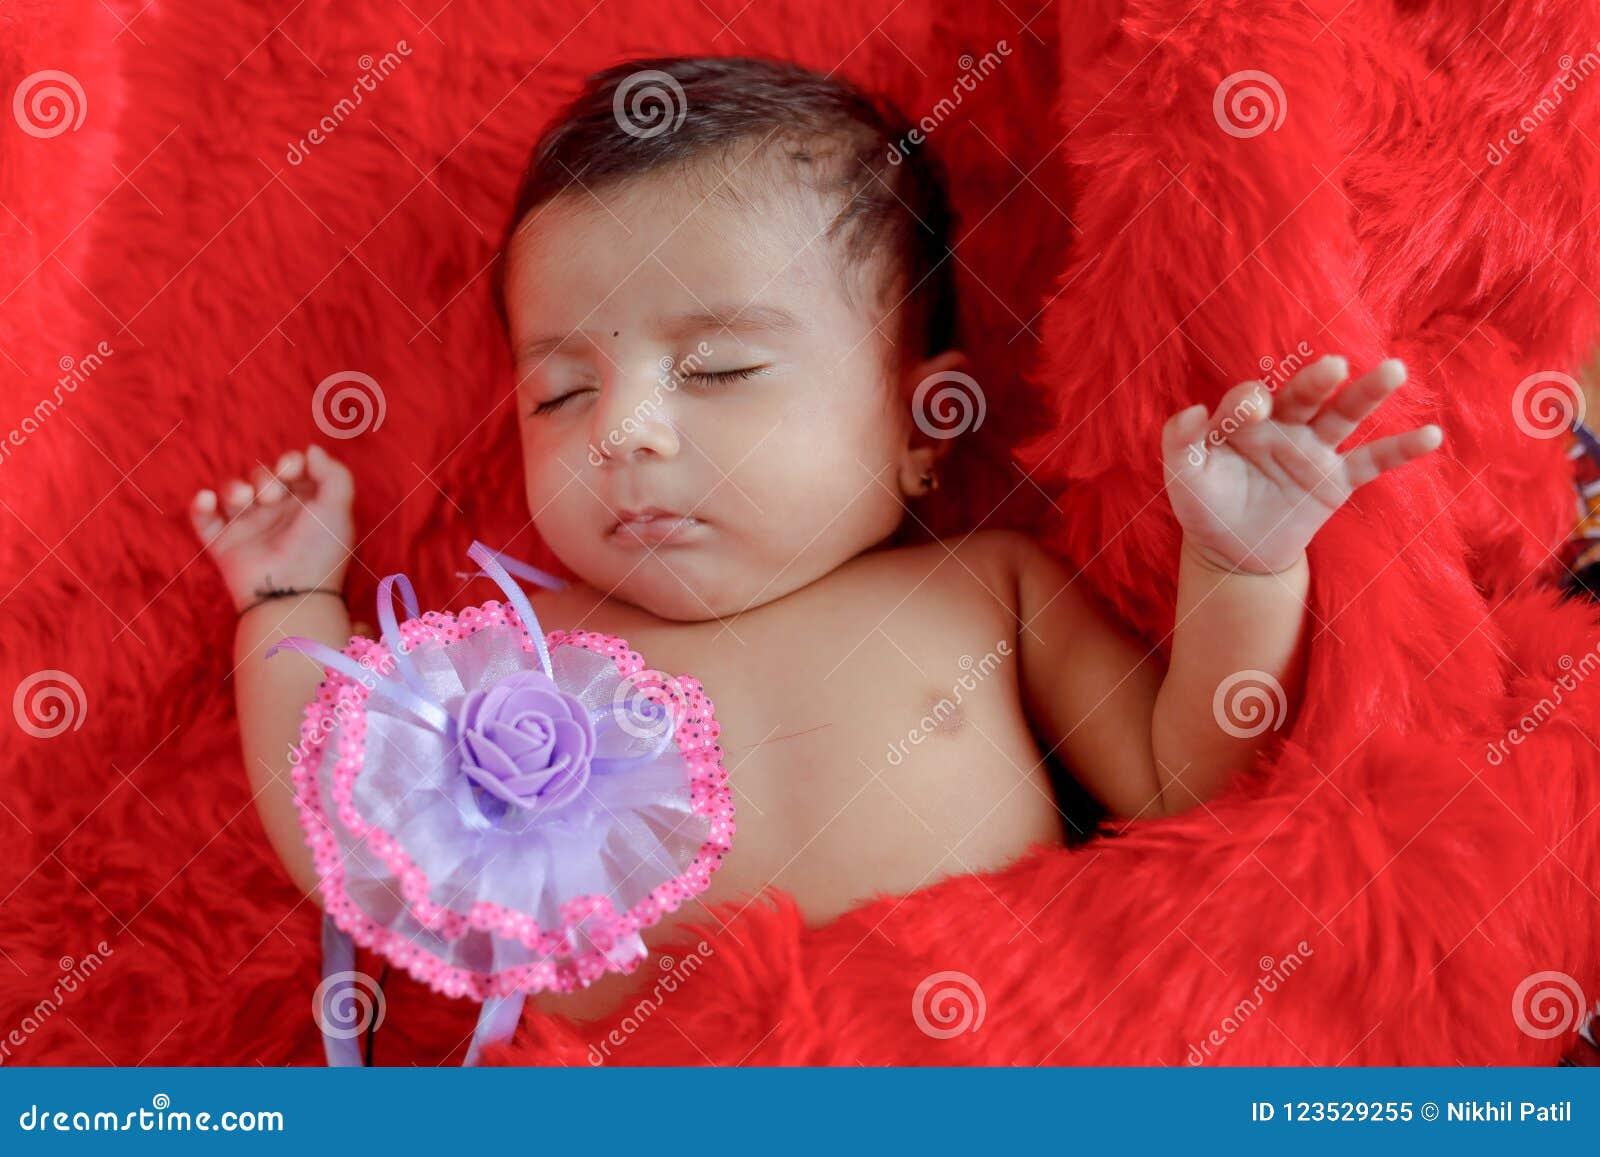 cute indian baby girl sleeping on bed stock image - image of girl